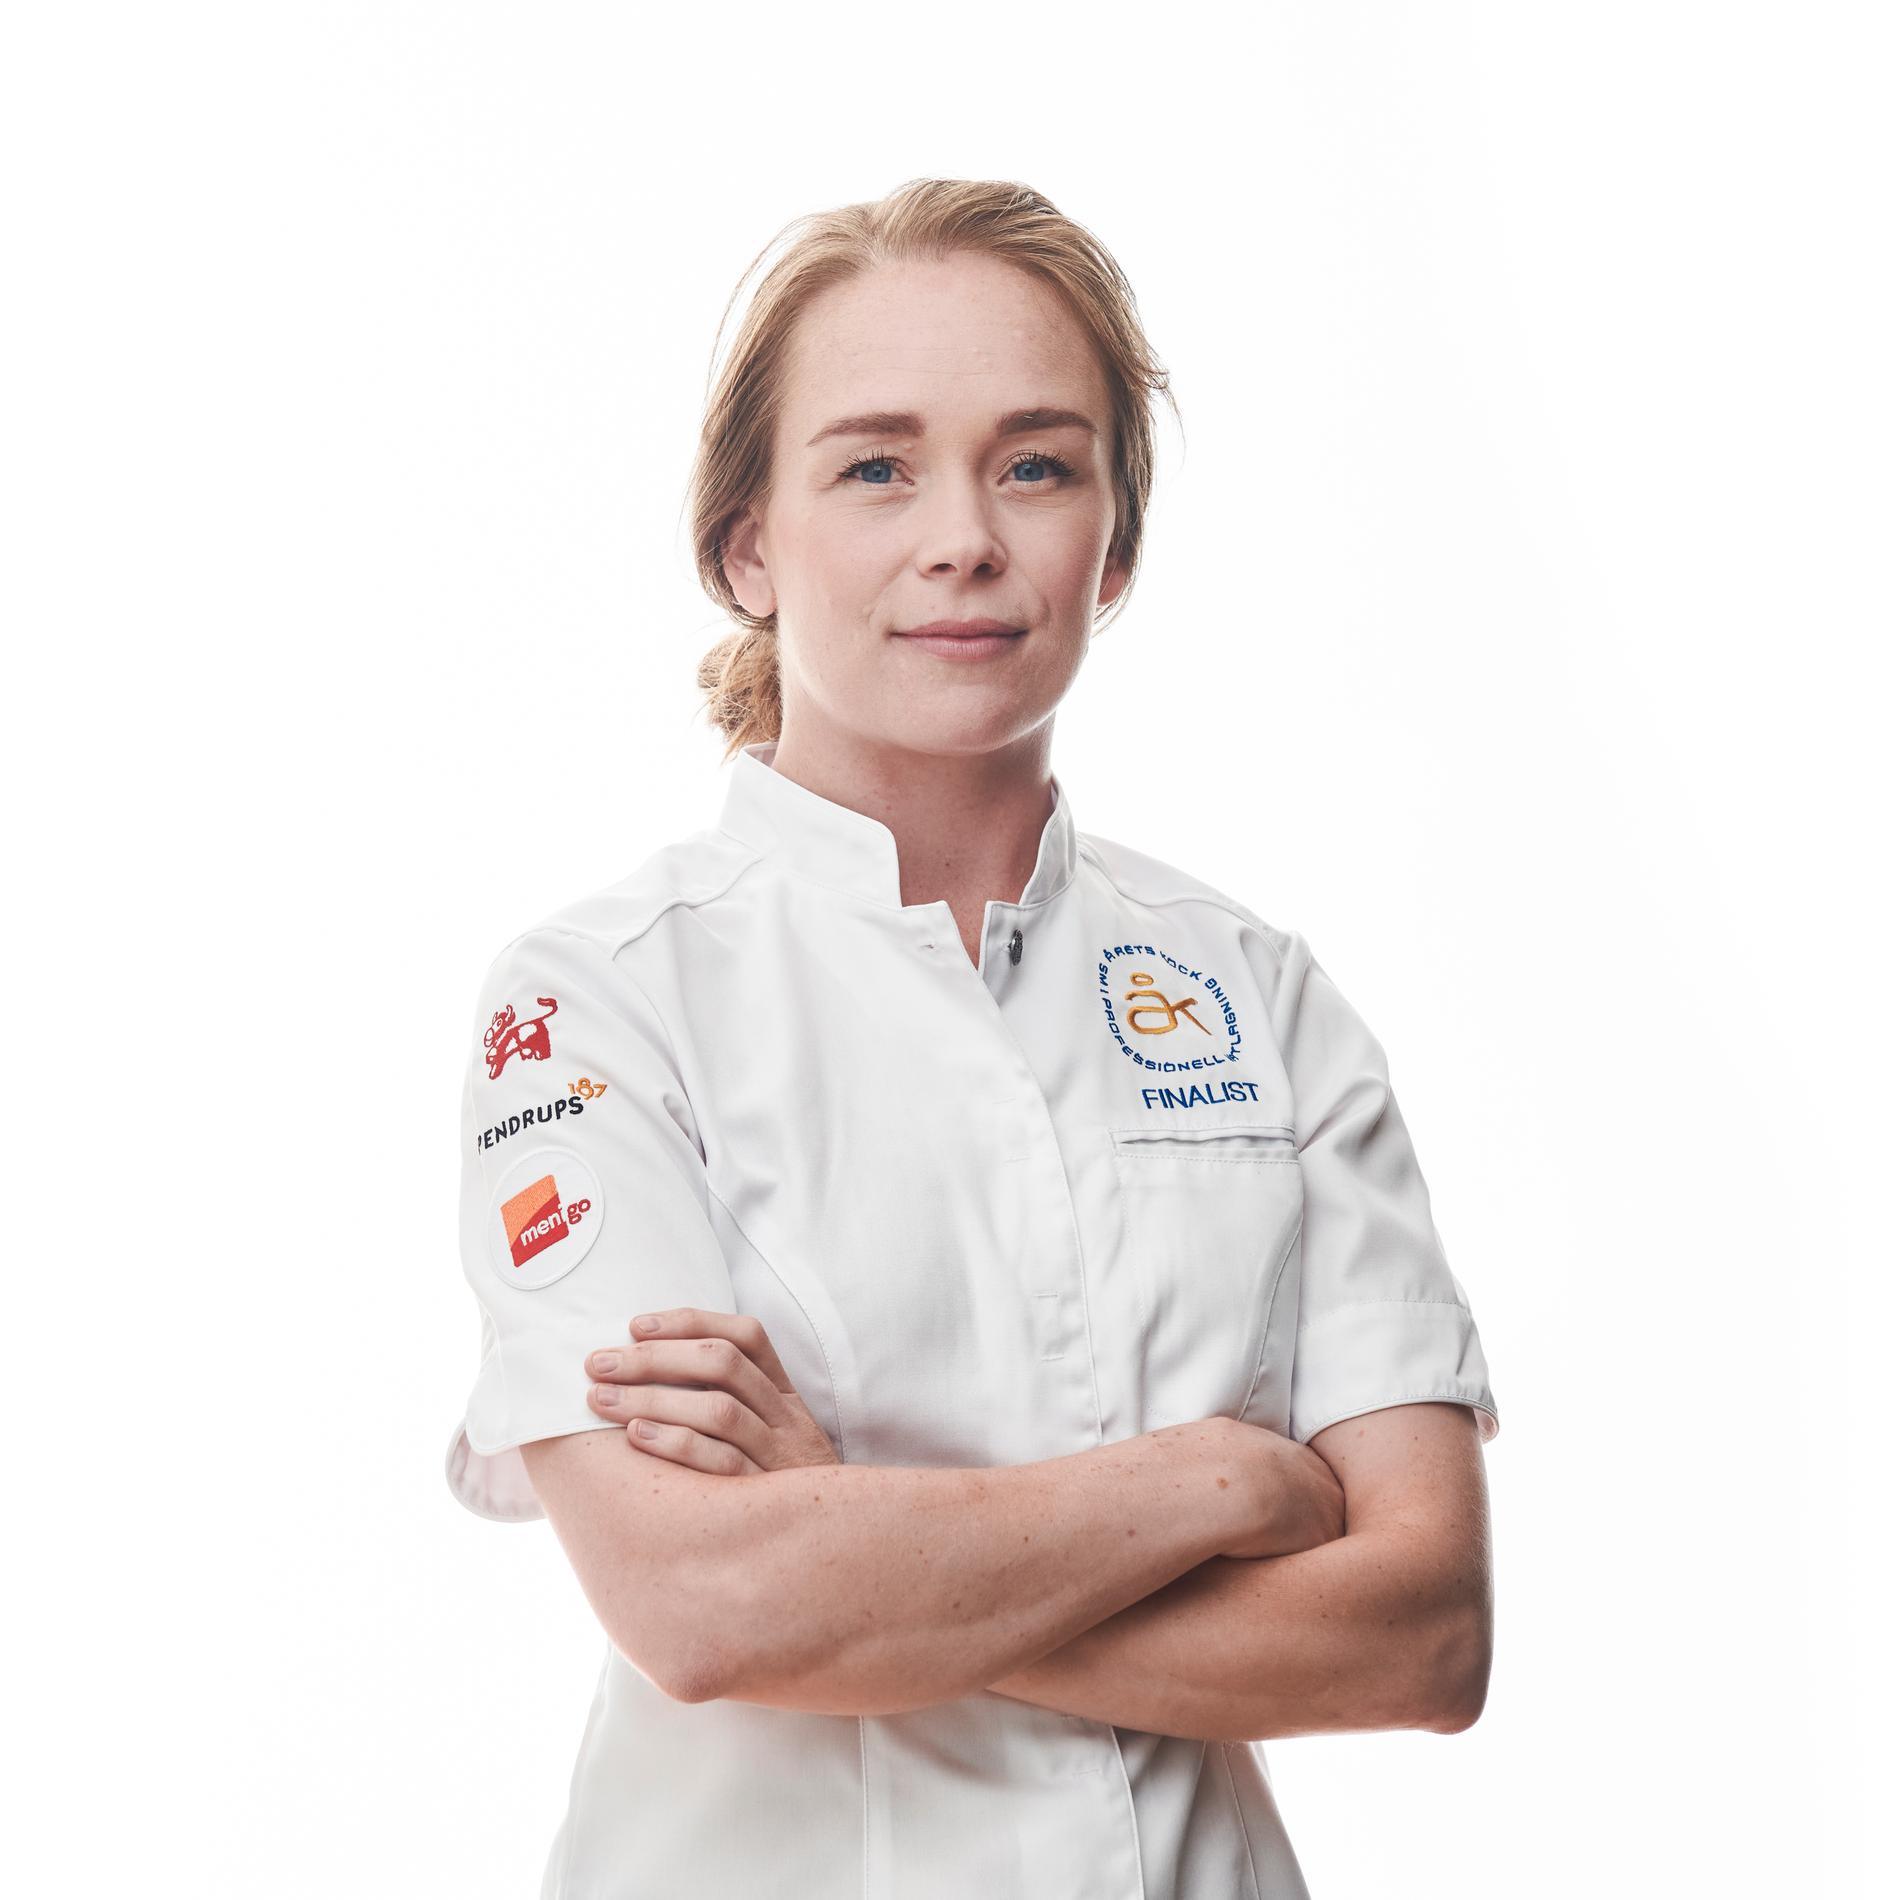 Louise Johansson är en av åtta tävlande i Årets kock 2021 som avgörs 16 september.